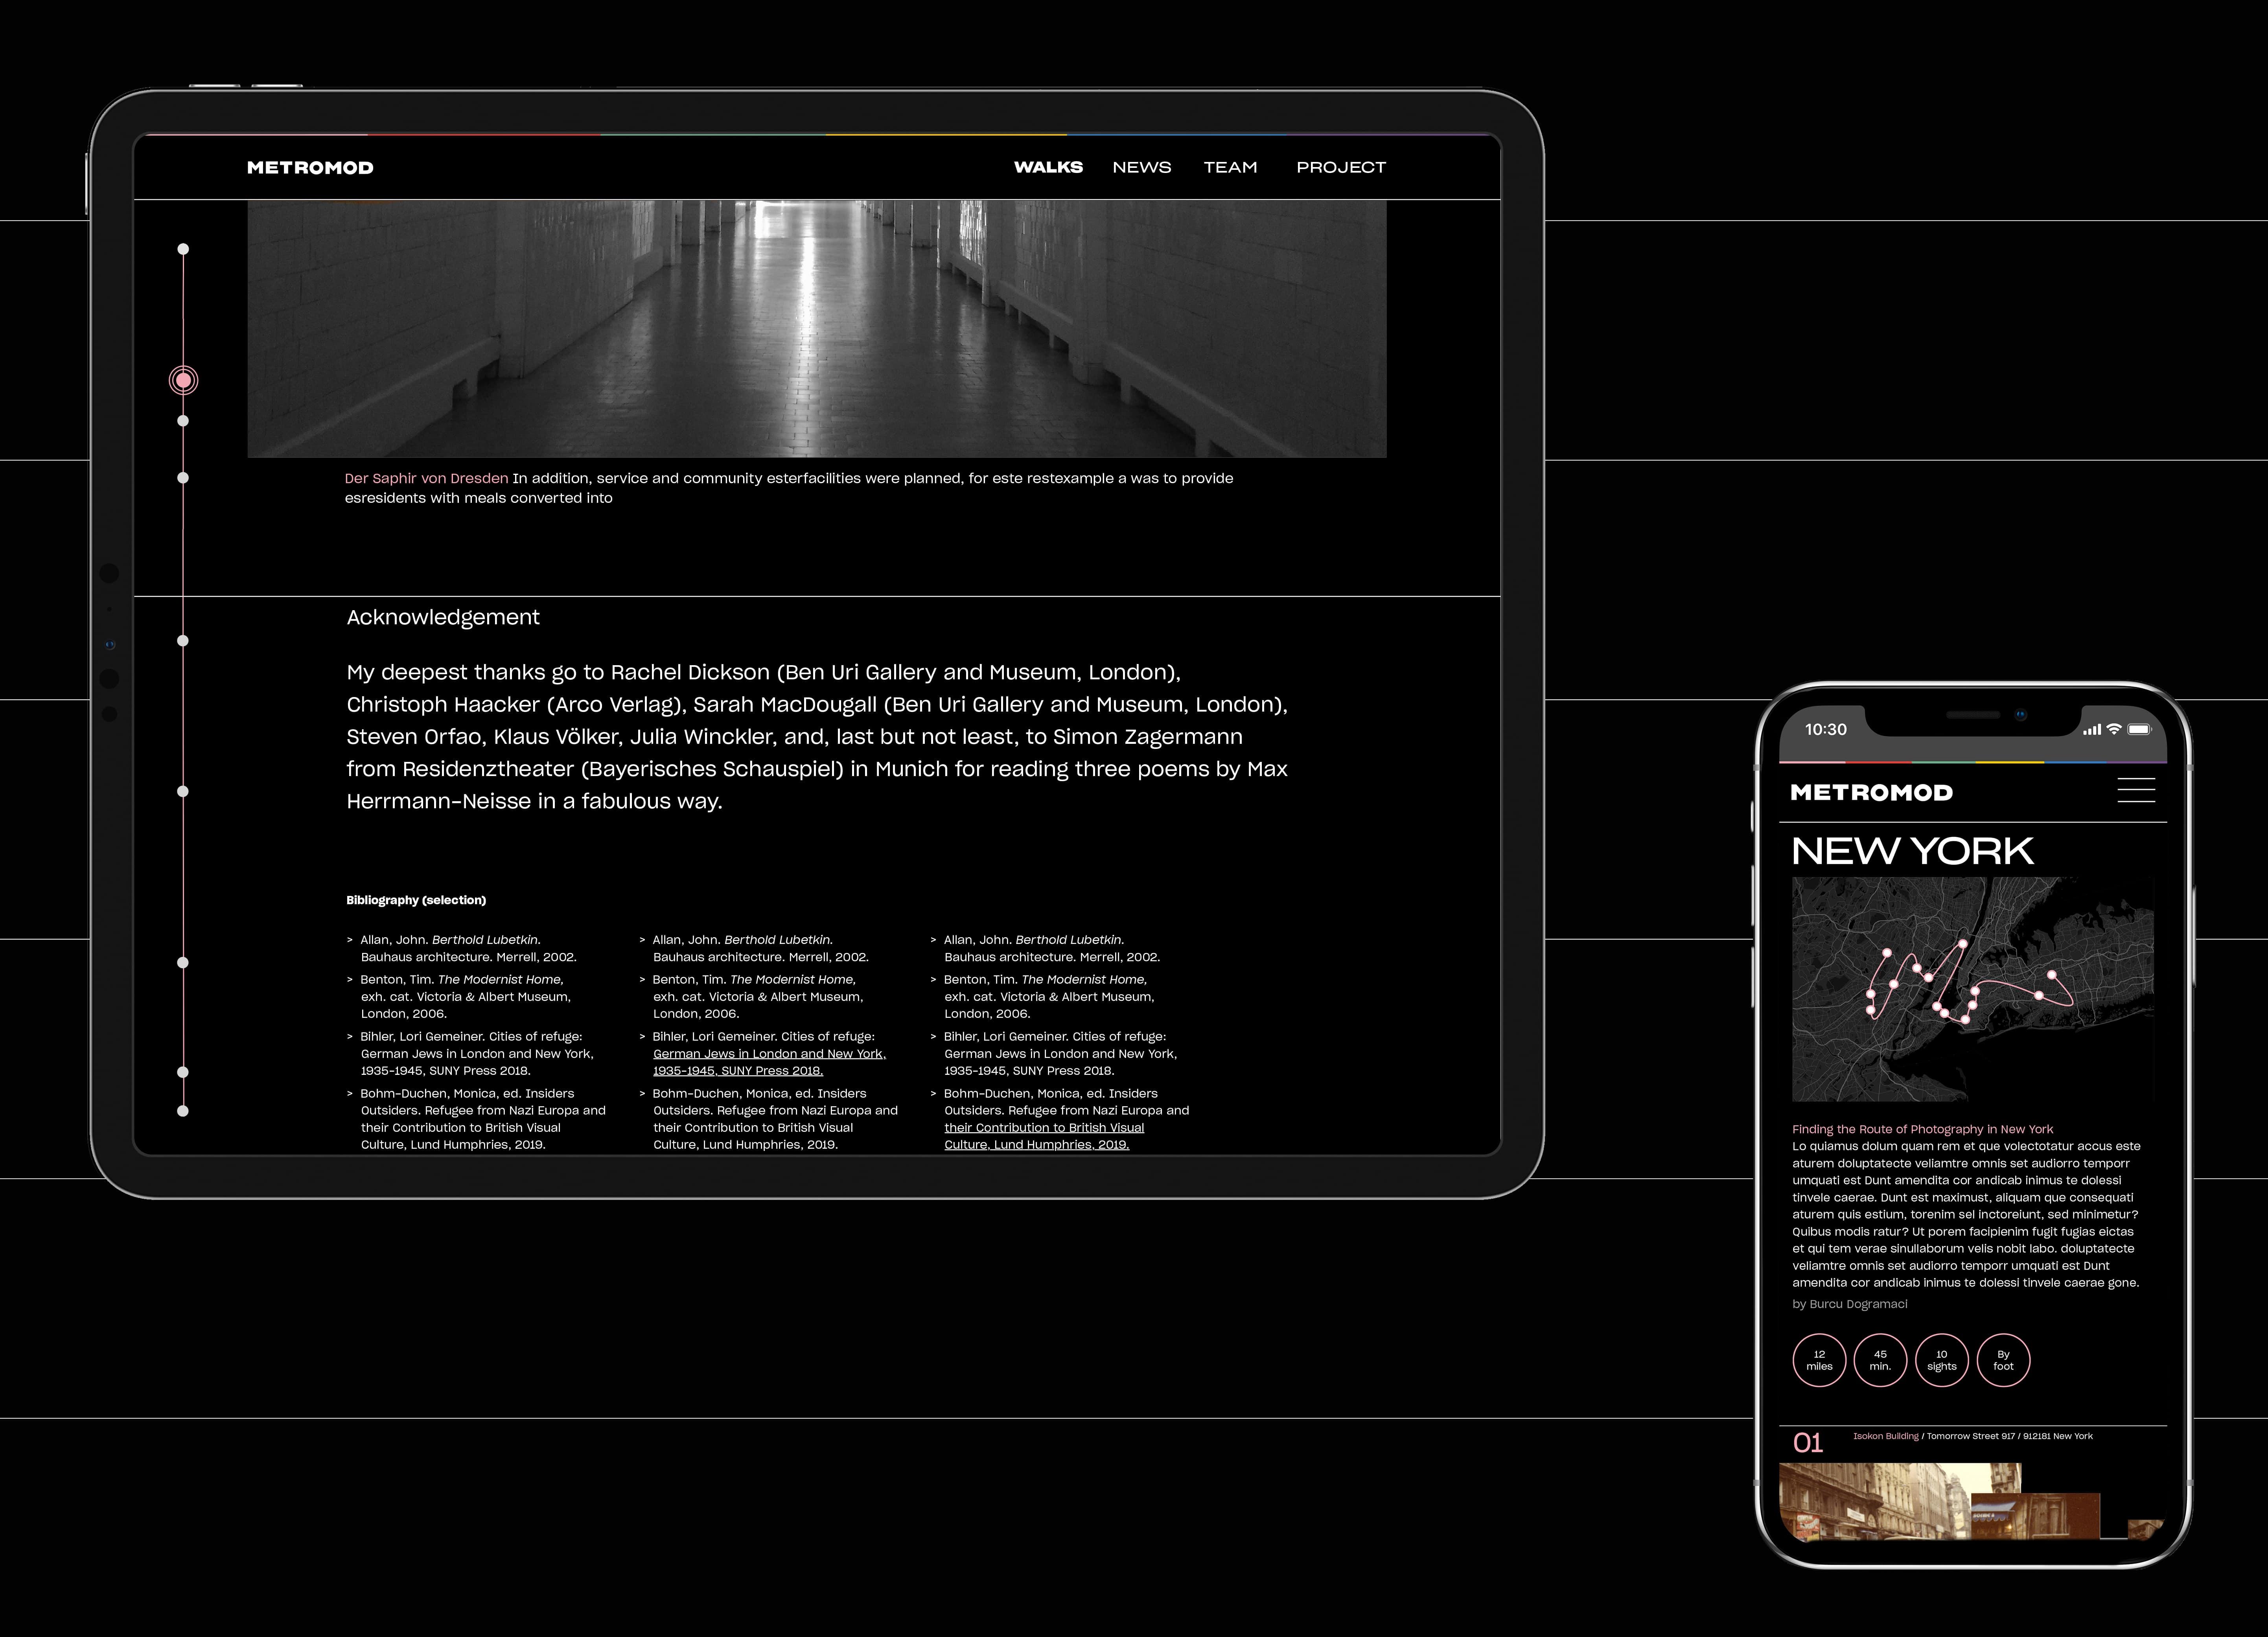 Bureau Johannes Erler – Online: Metromod — Walks